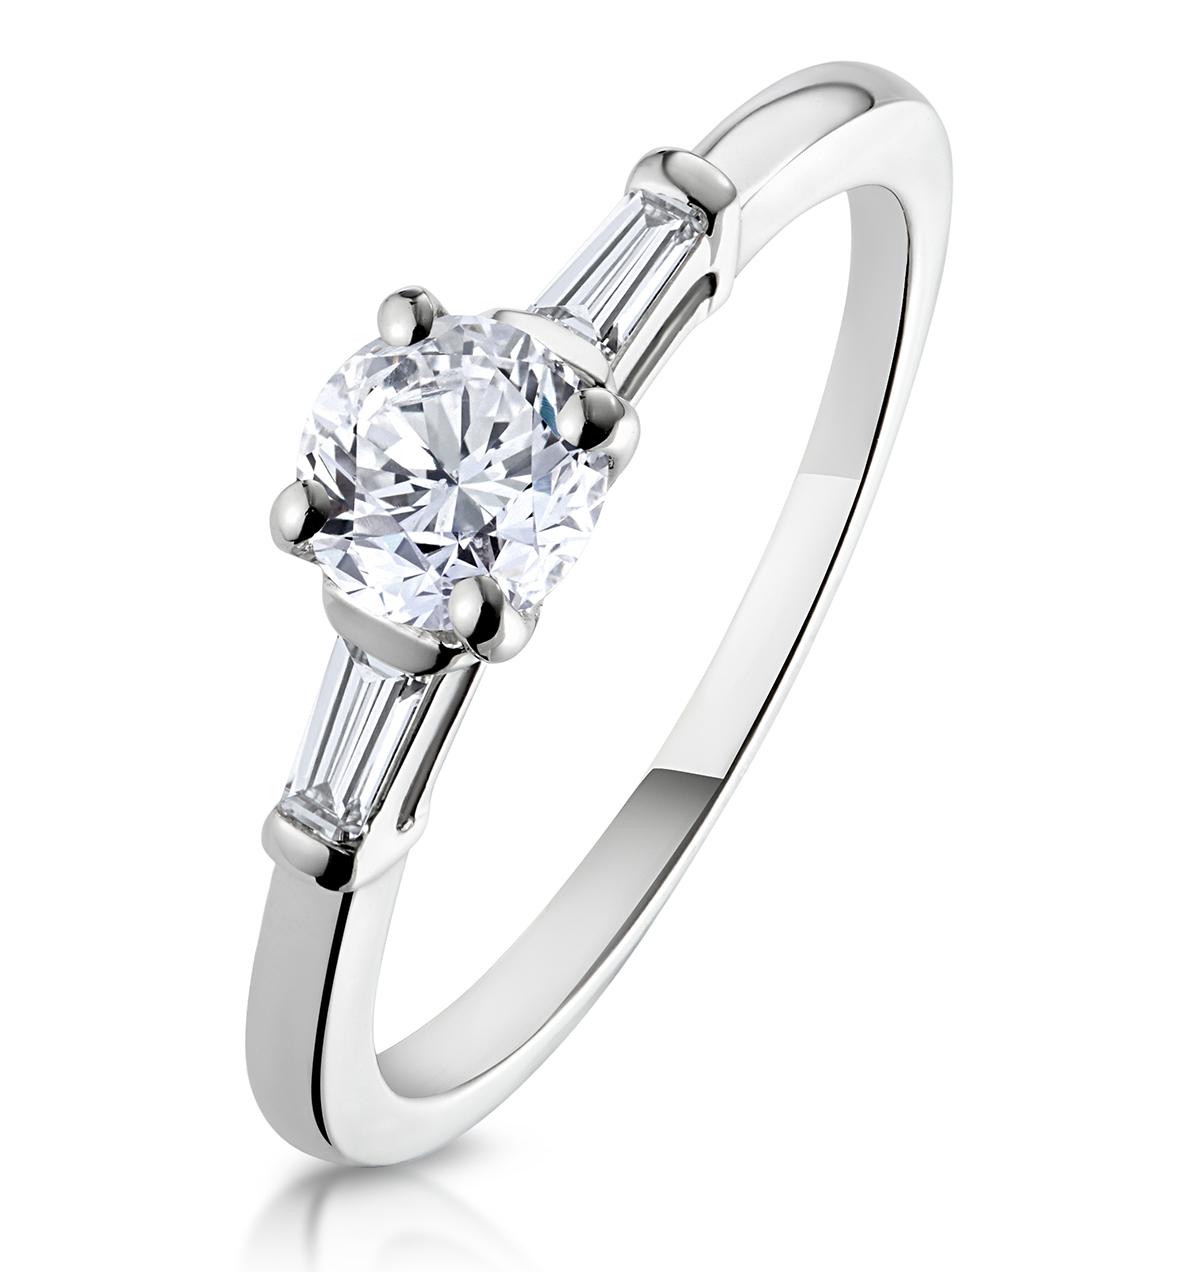 Isadora GIA Diamond Engagement Ring Platinum 0.65ct G/SI1 - image 1